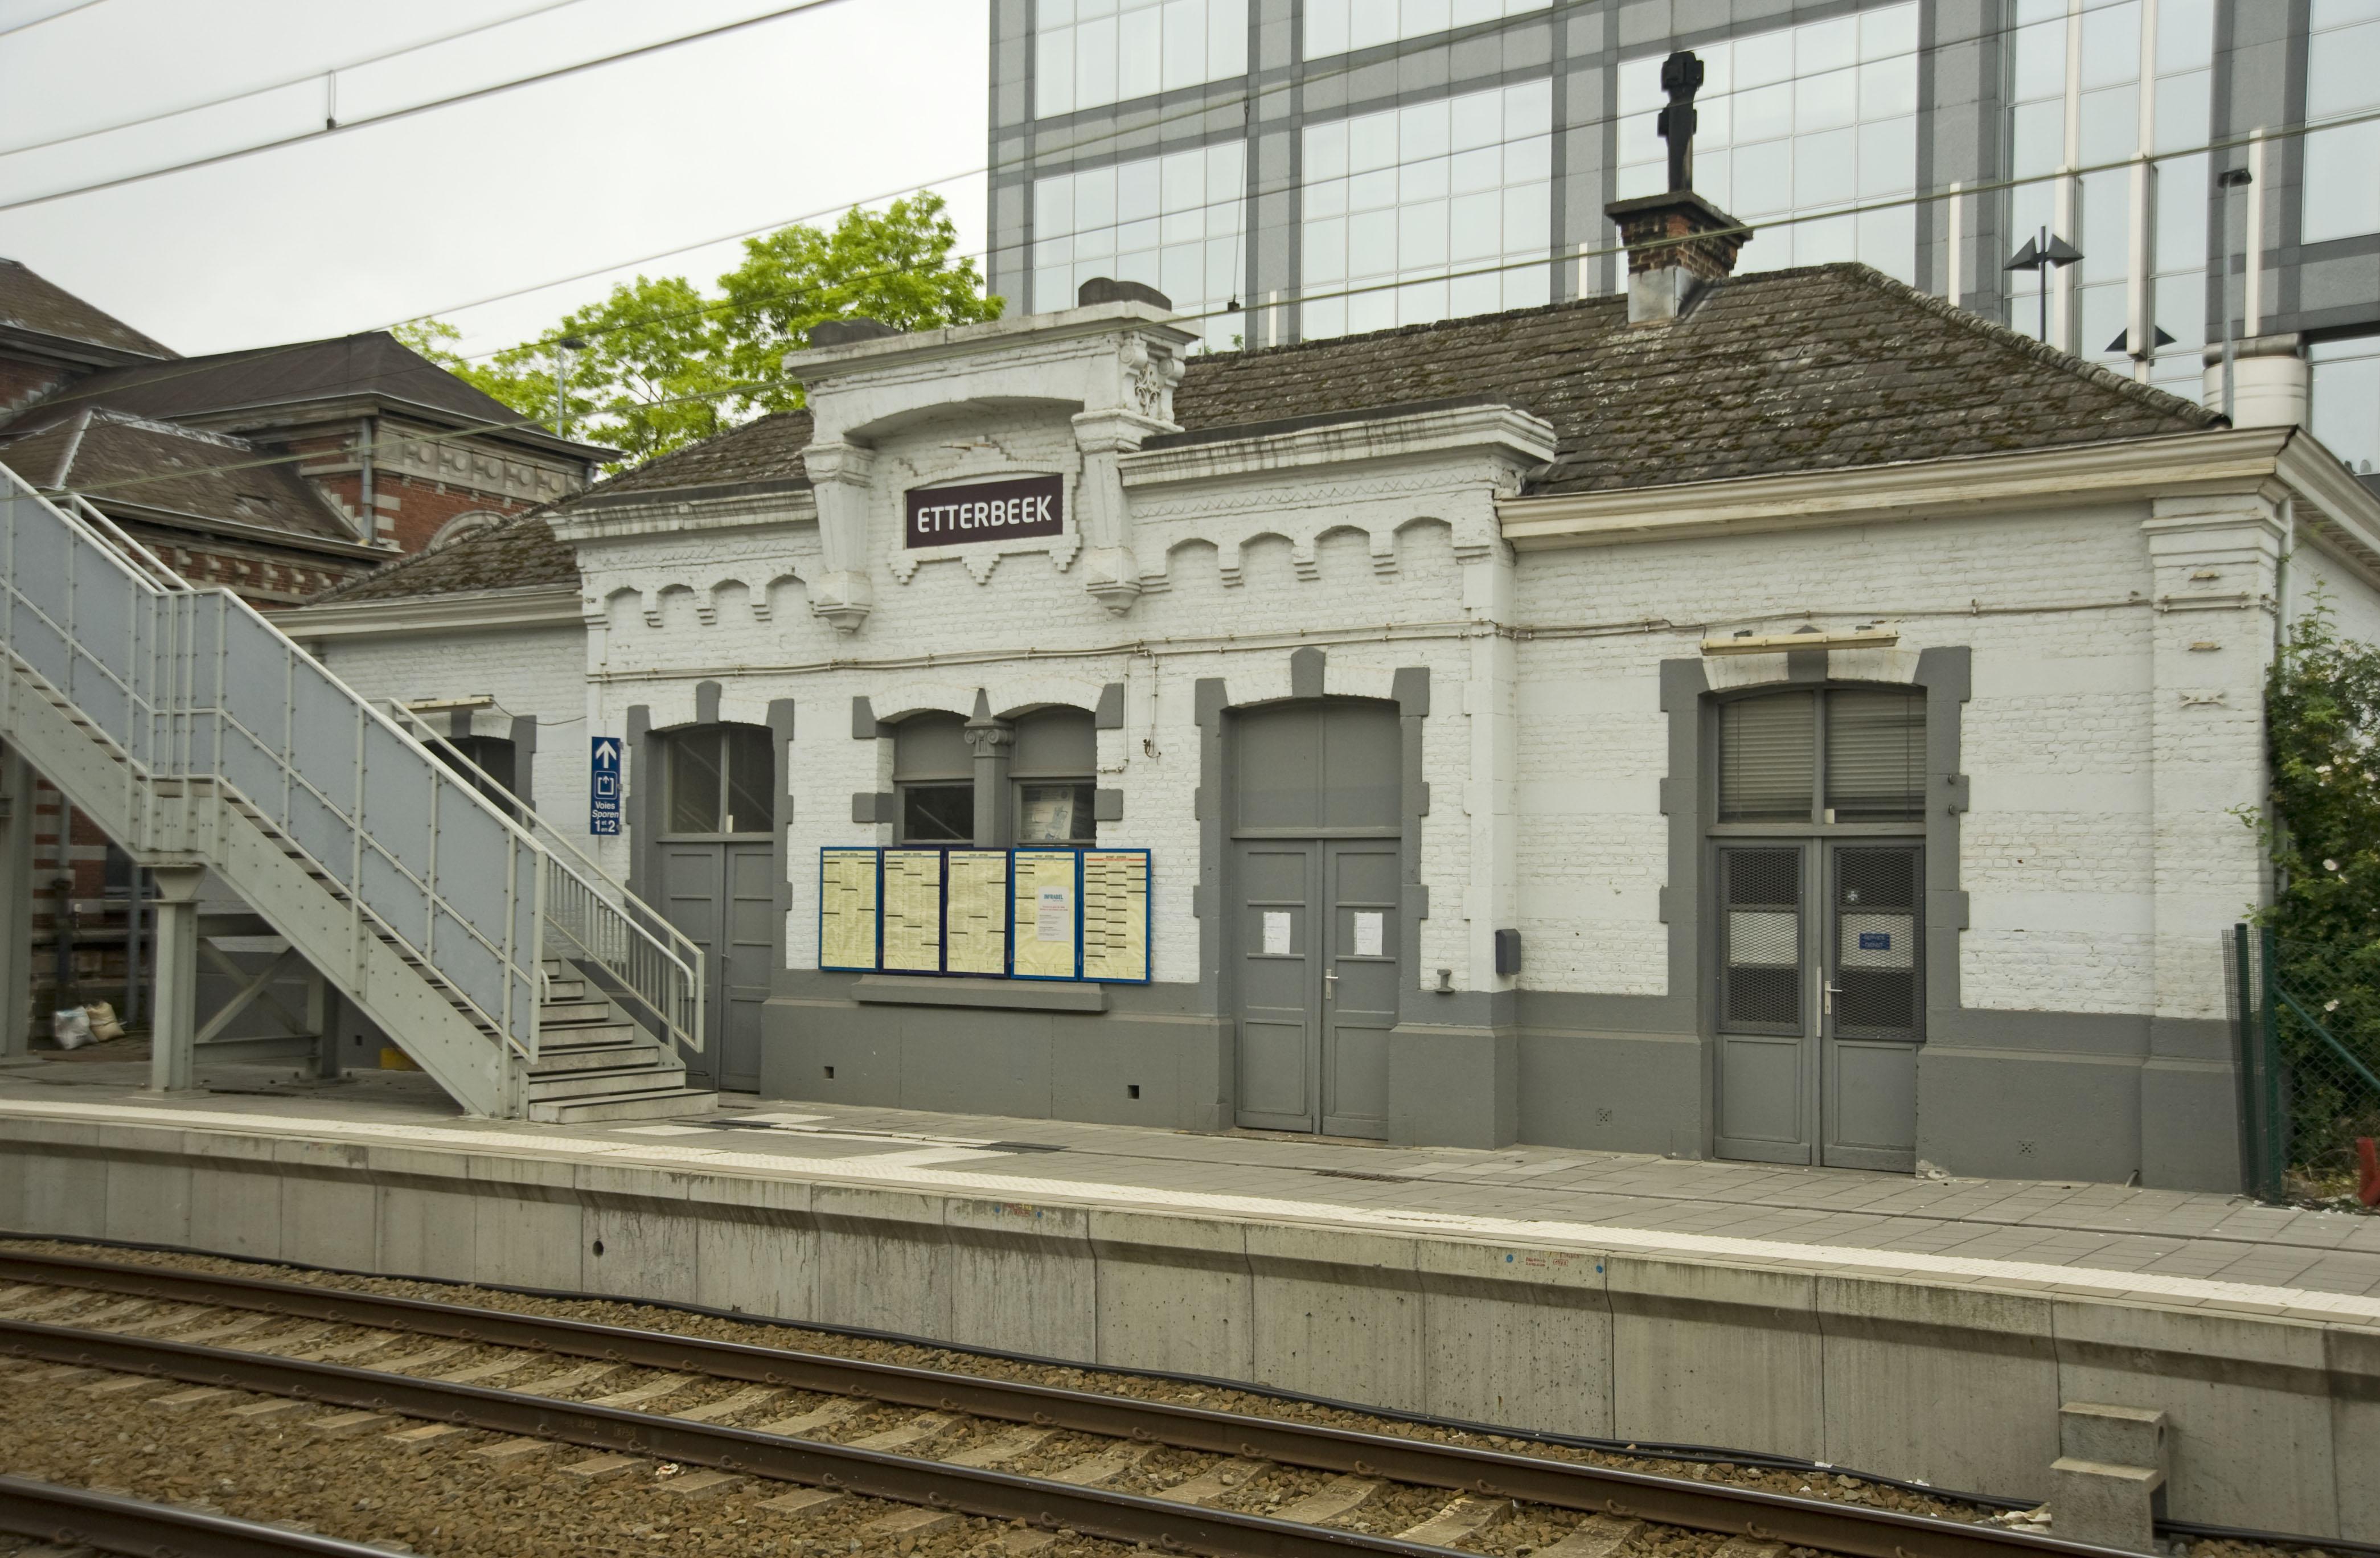 Gare d'Etterbeek